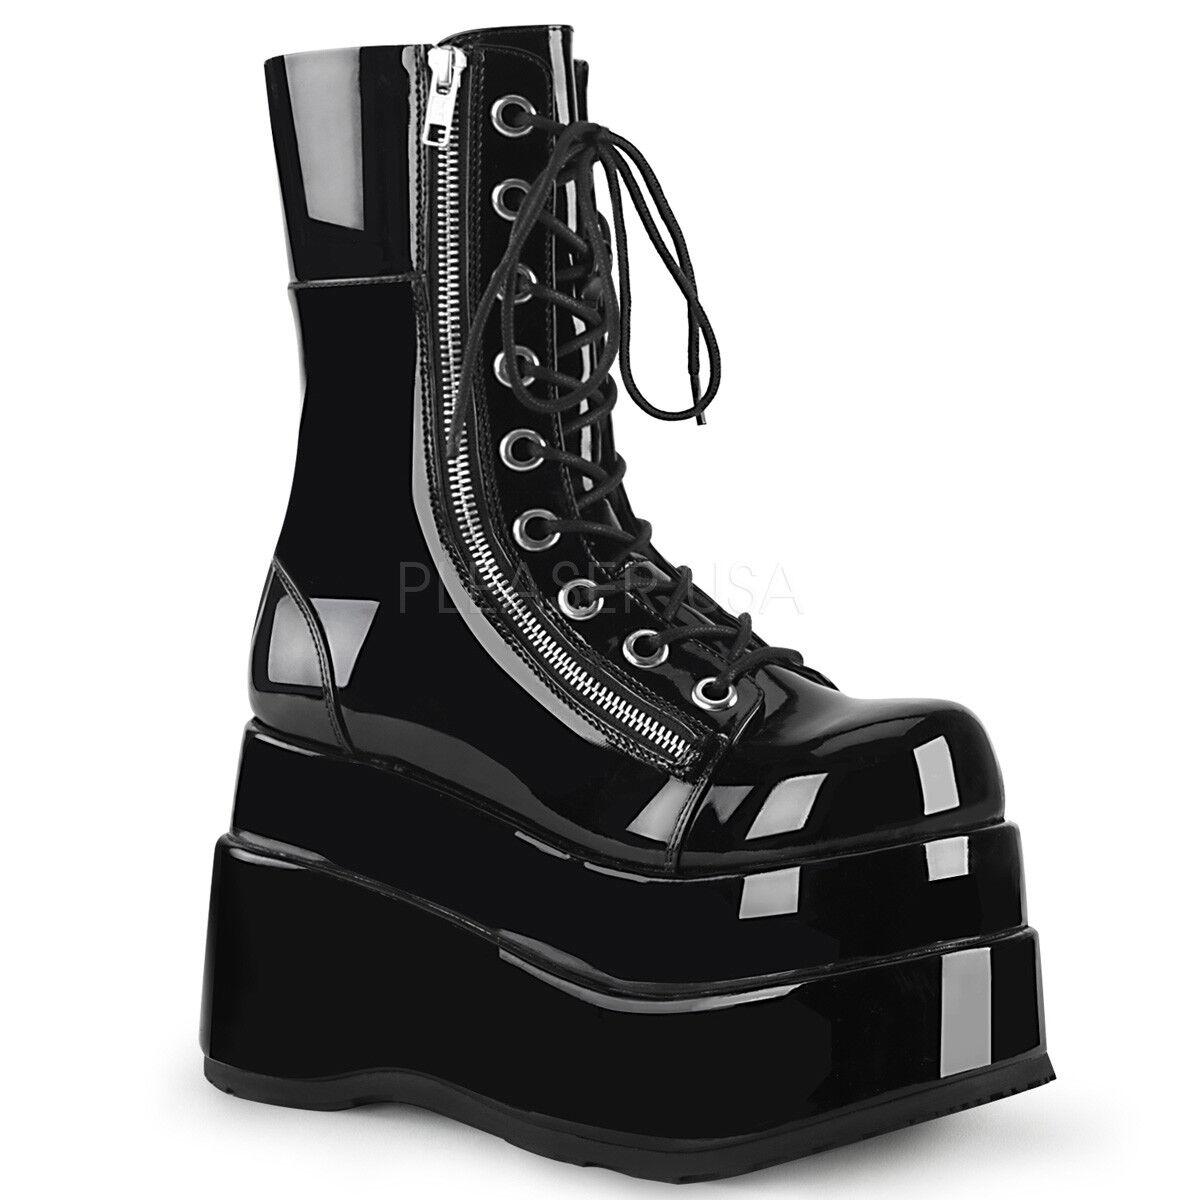 Demonia Oso 265 B Mujer botas Negro en niveles de Plataforma botas Mujer acordonadas al Tobillo Mitad de Pantorrilla a9598a